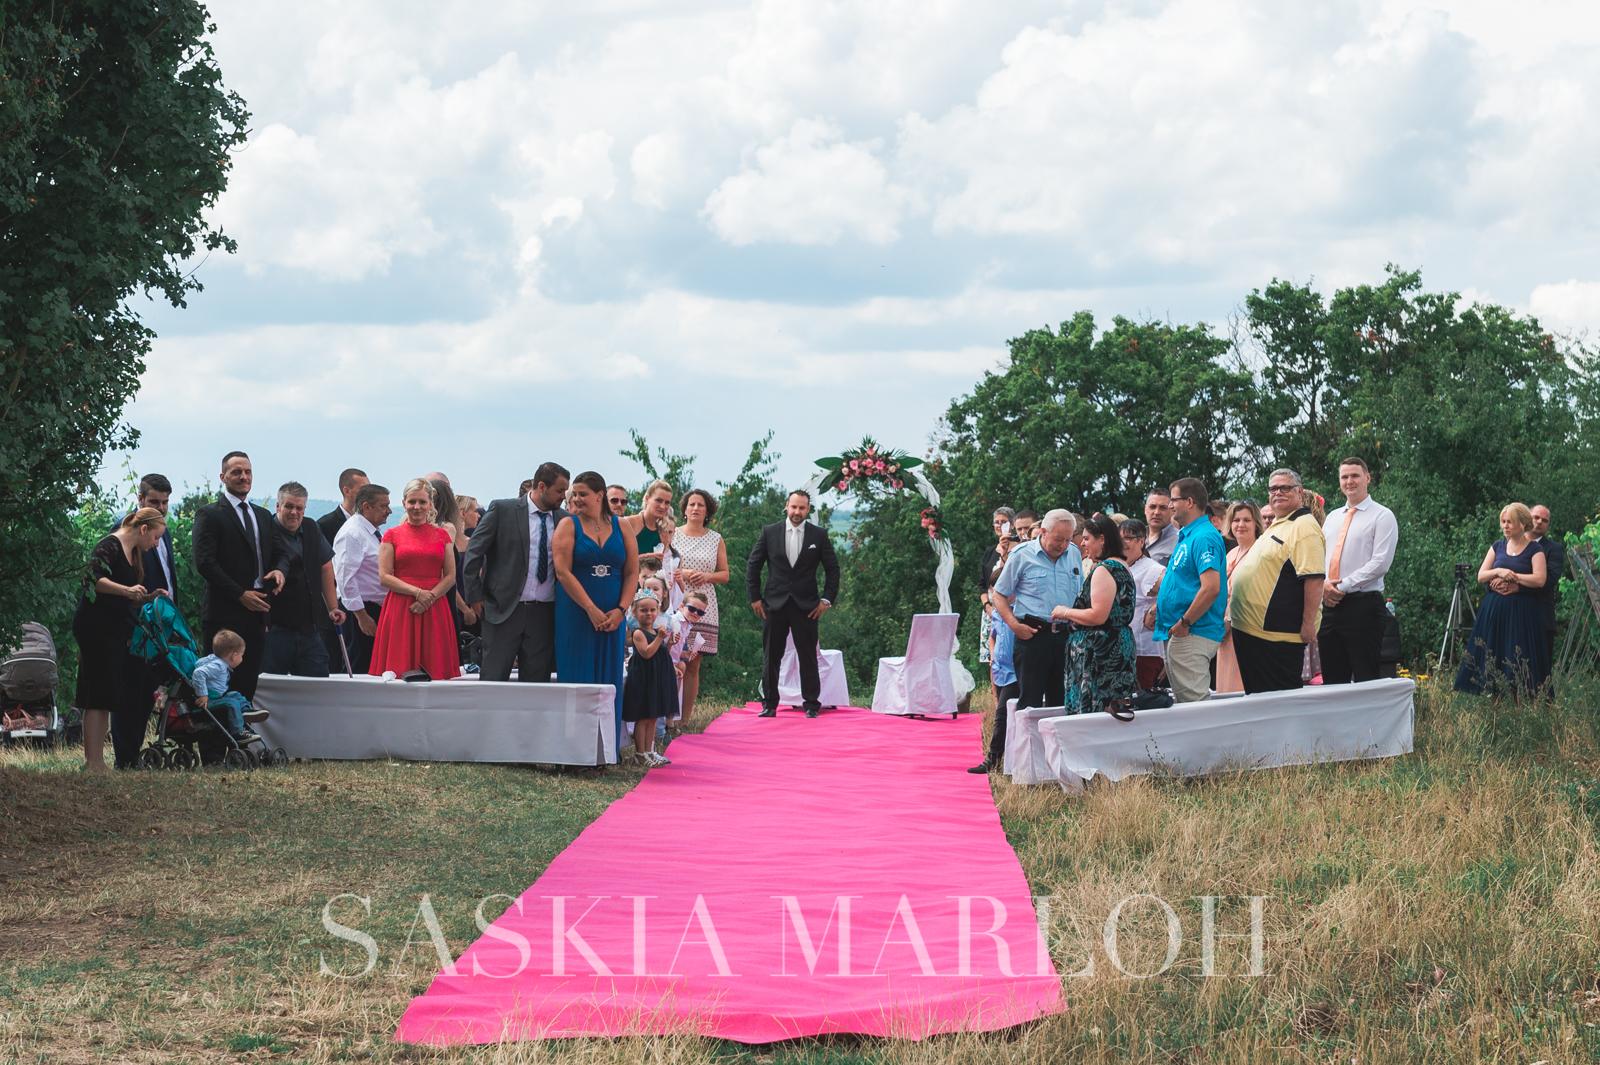 WEINGUT-GEORG-MÜLLER-CLUB-PRESTIGE-DE-LUXE-HOCHZEIT-WEDDING-PHOTO-FOTO-SASKIA-MARLOH-edit-56